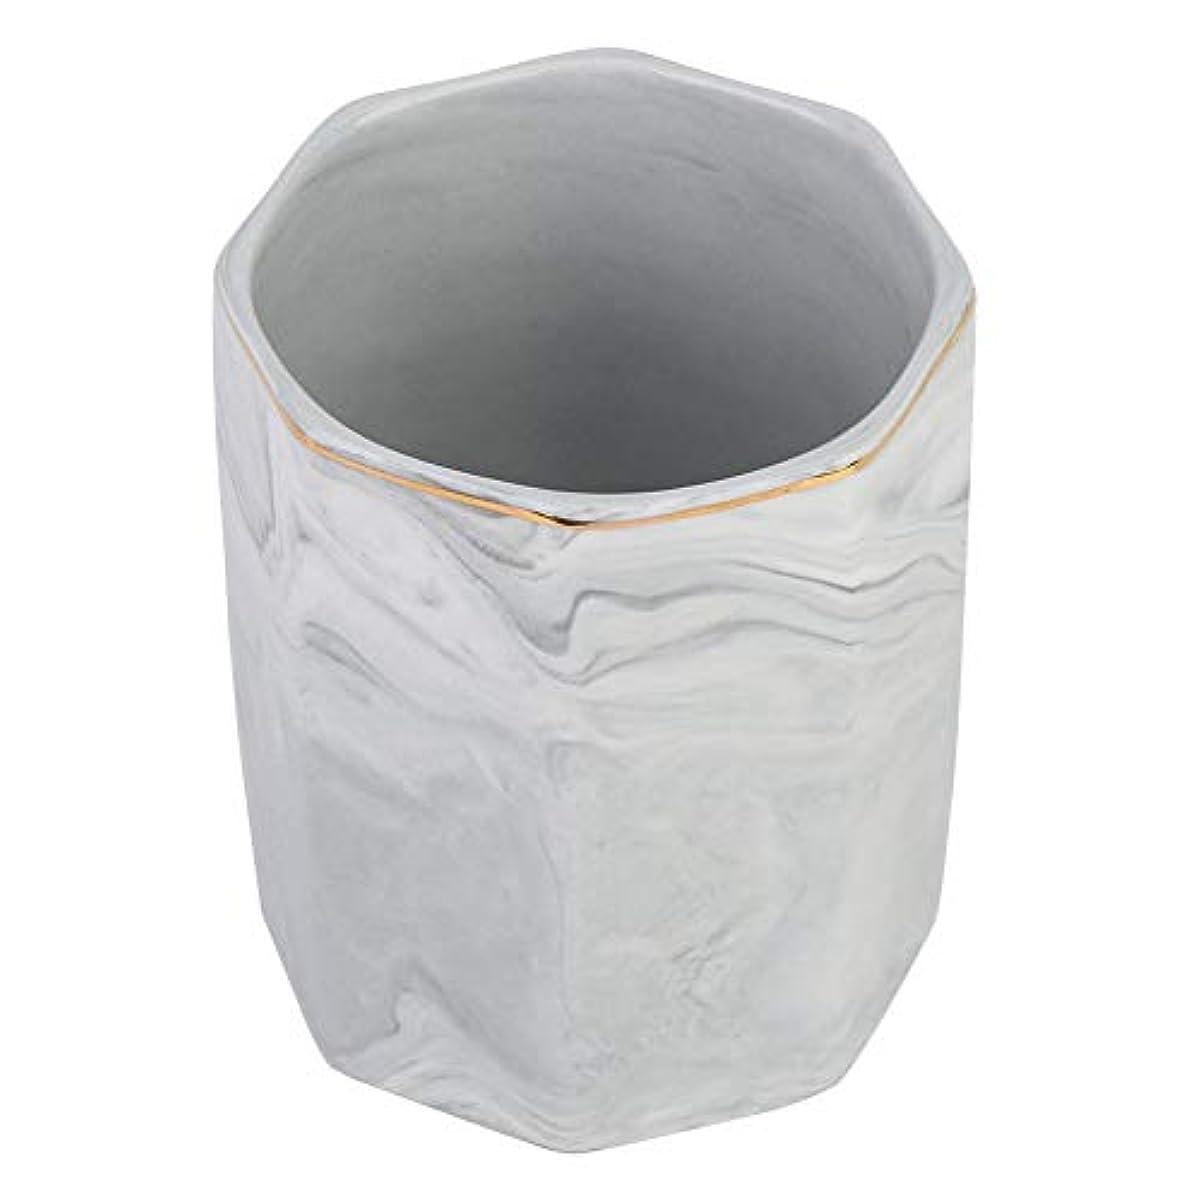 意図するくつろぐ株式化粧ブラシホルダー、ネイルアートツールホルダーとゴールドエッジの霜降り収納ケース(グレー)